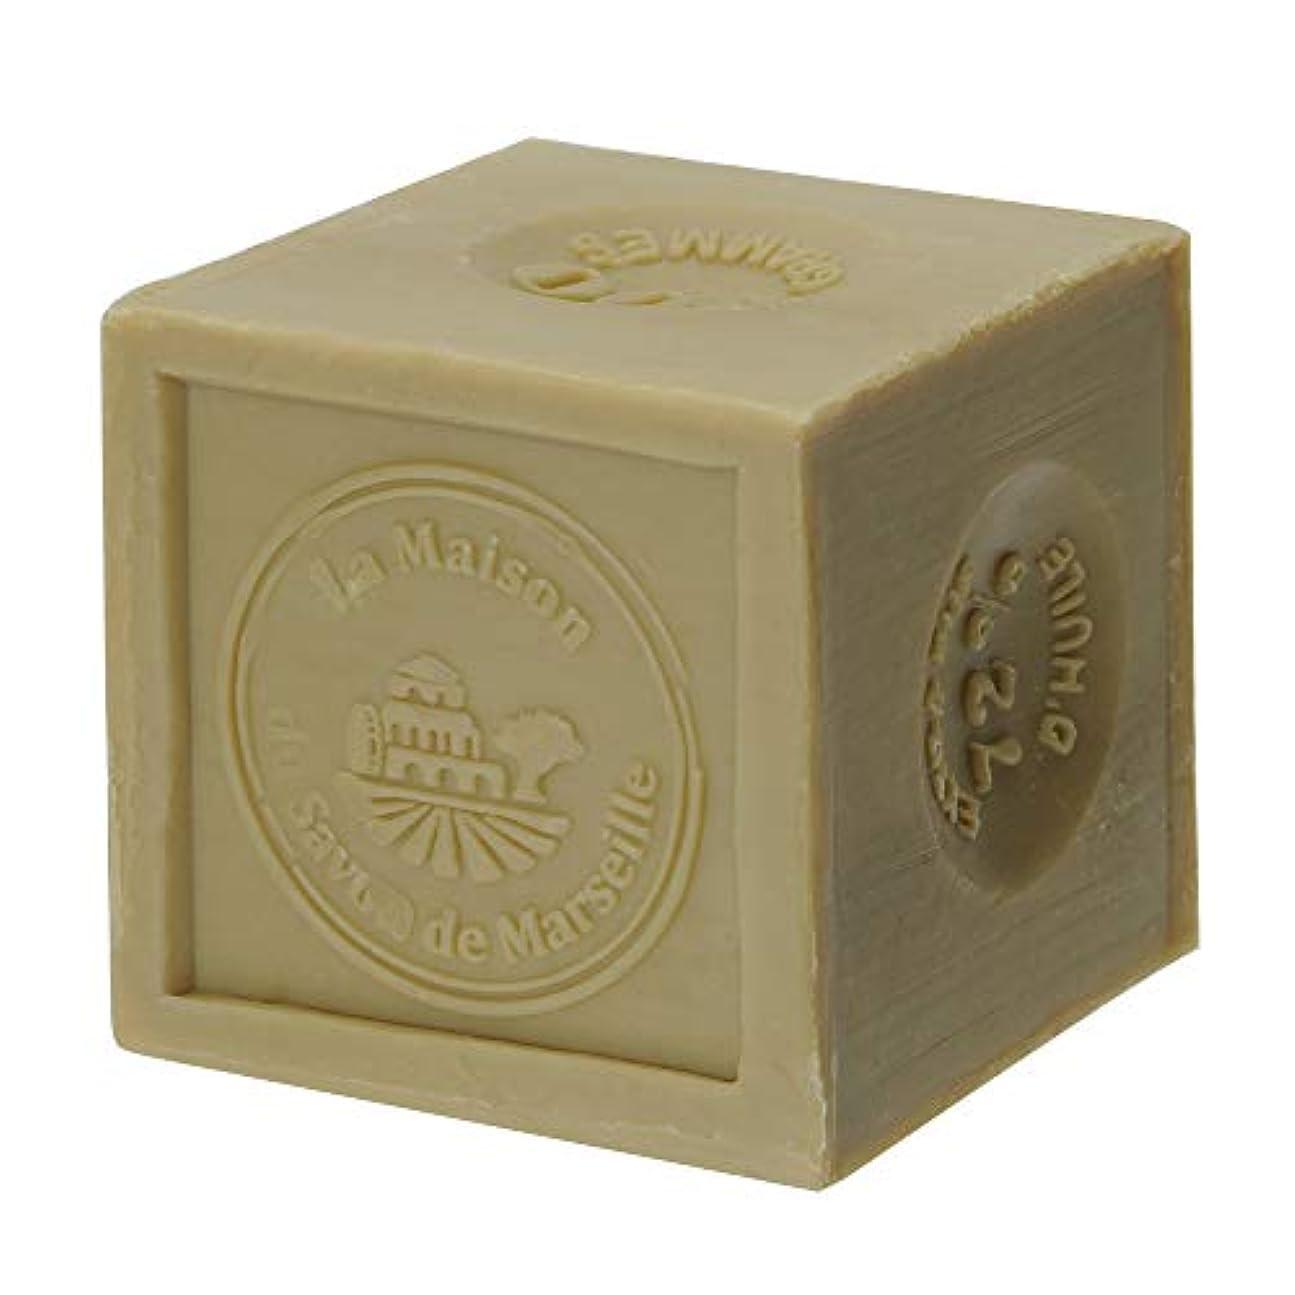 件名フルーツ野菜ビュッフェノルコーポレーション マルセイユ石鹸 オリーブ UPSM認証マーク付き 300g MLL-3-1